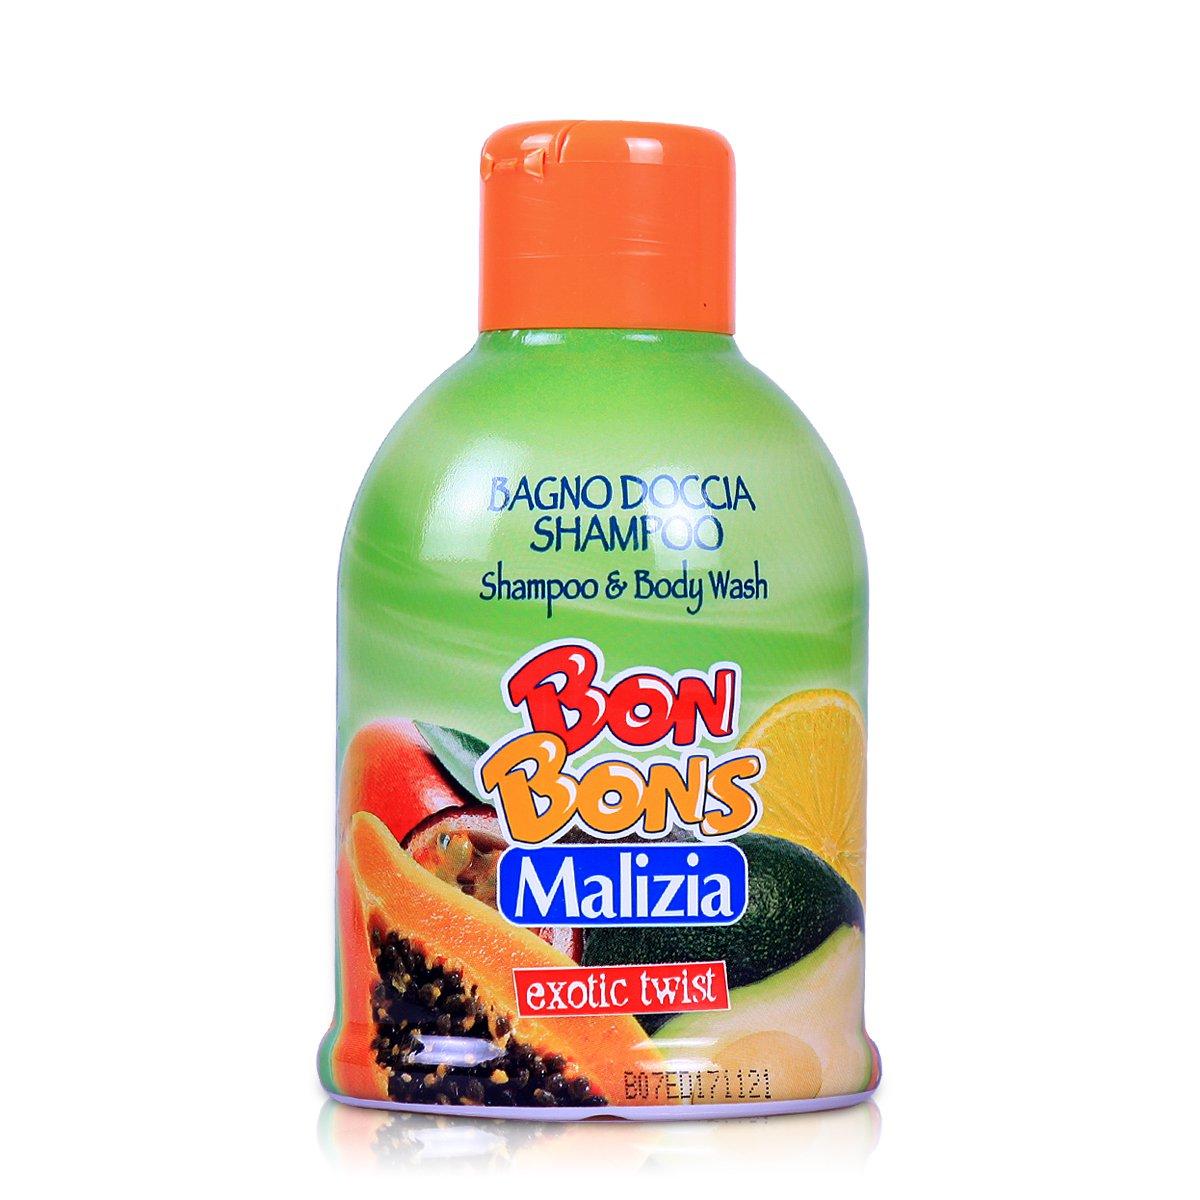 Malizia 玛莉吉亚棒棒糖二合一洗发沐浴(异国情调)500ml 沐浴乳